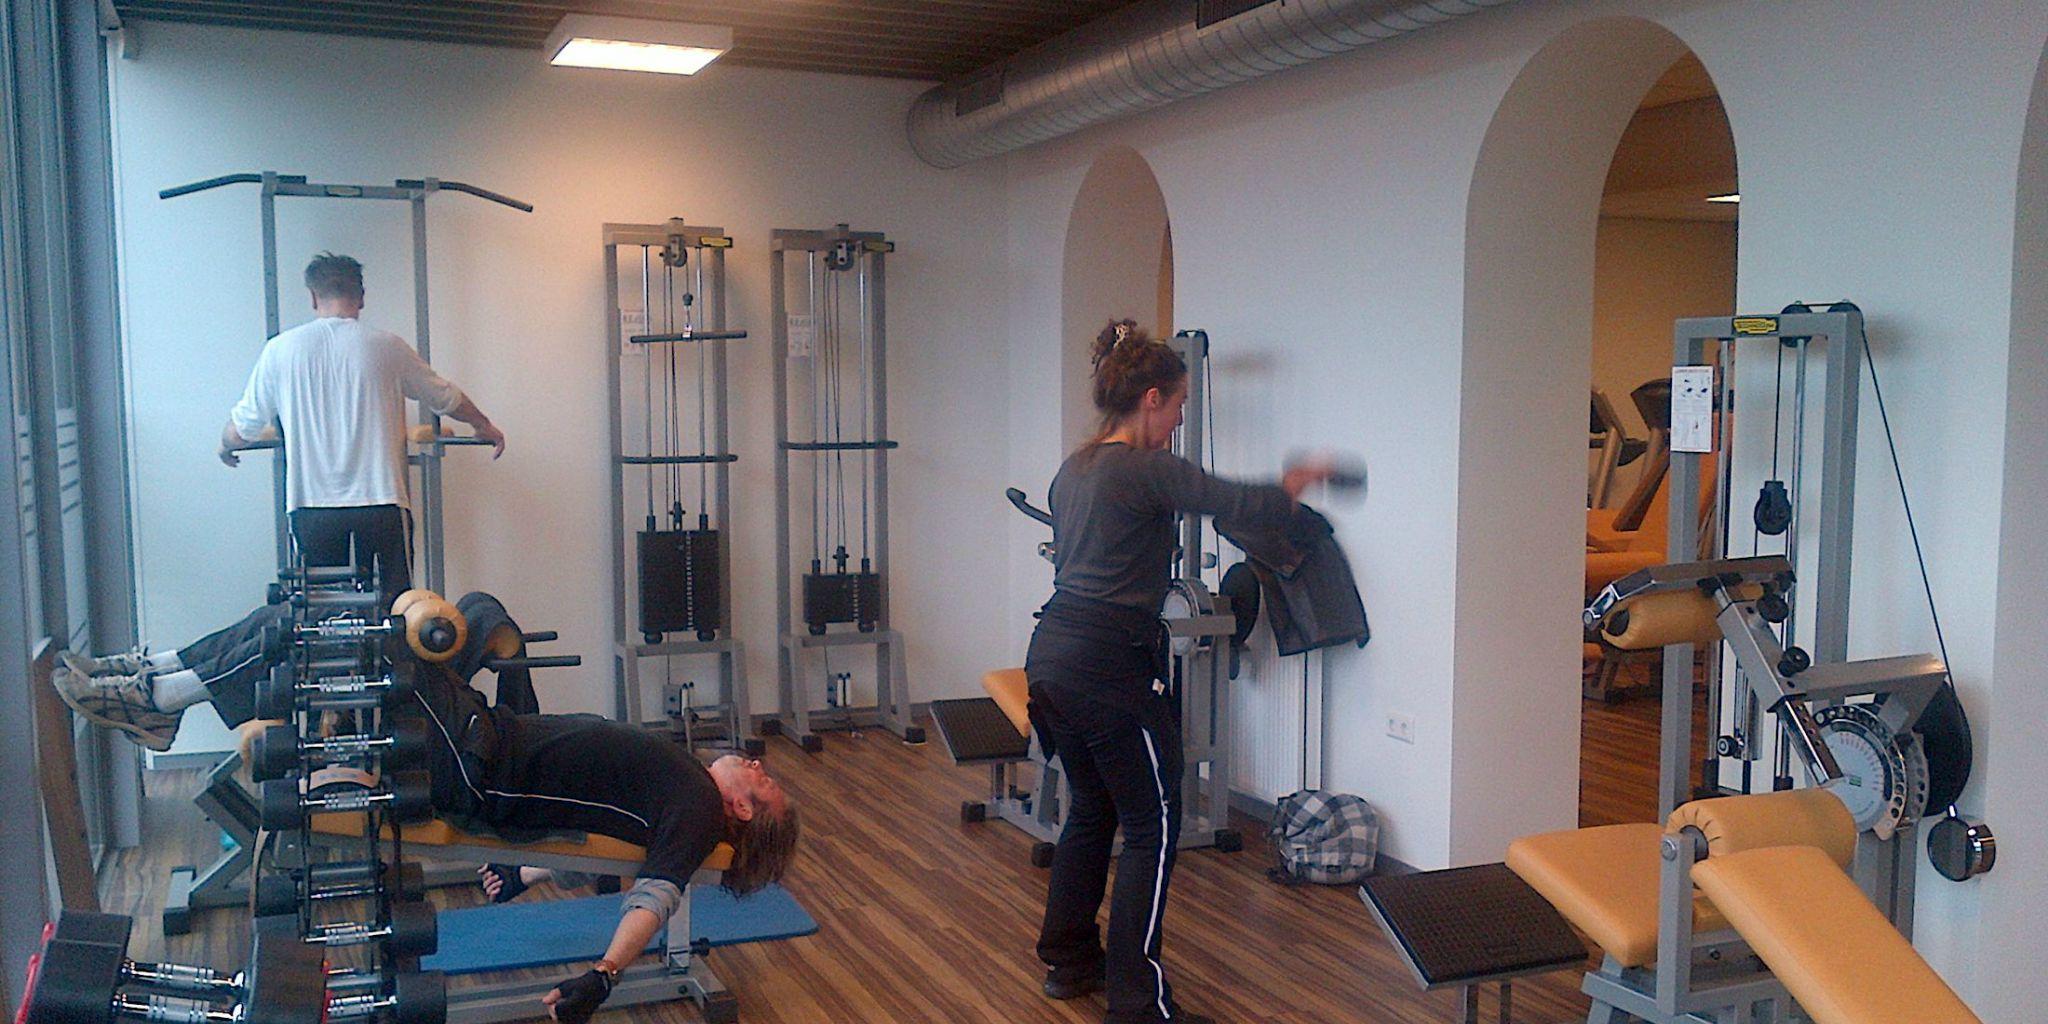 Krachttraining Den Haag - Train alle spiergroepen op een verantwoorde manier met de beste fitnessmaterialen bij Fitness de Bataaf - Sportschool in Den Haag